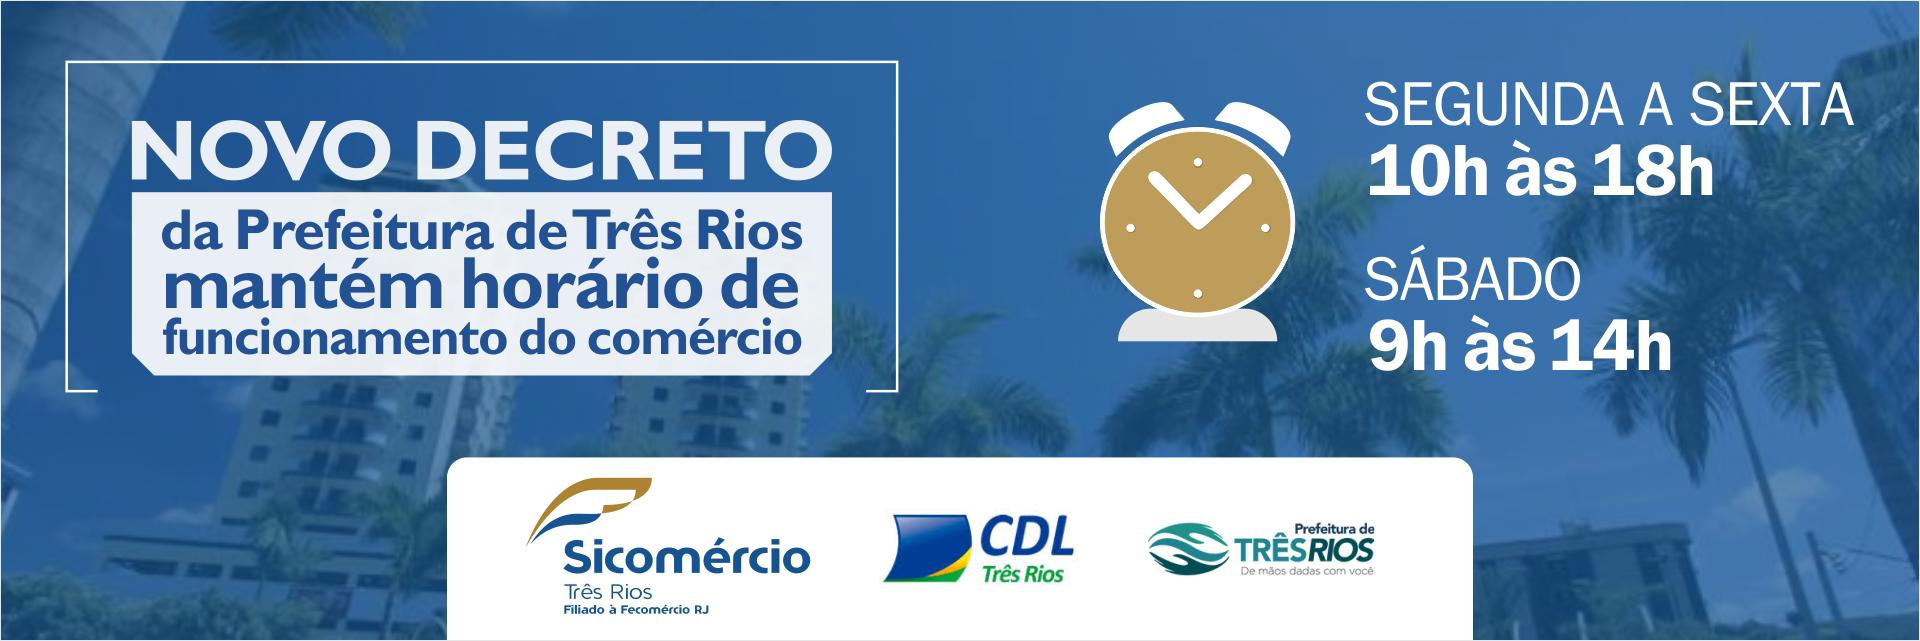 Novo decreto da prefeitura de Três Rios mantém horário de funcionamento do comércio